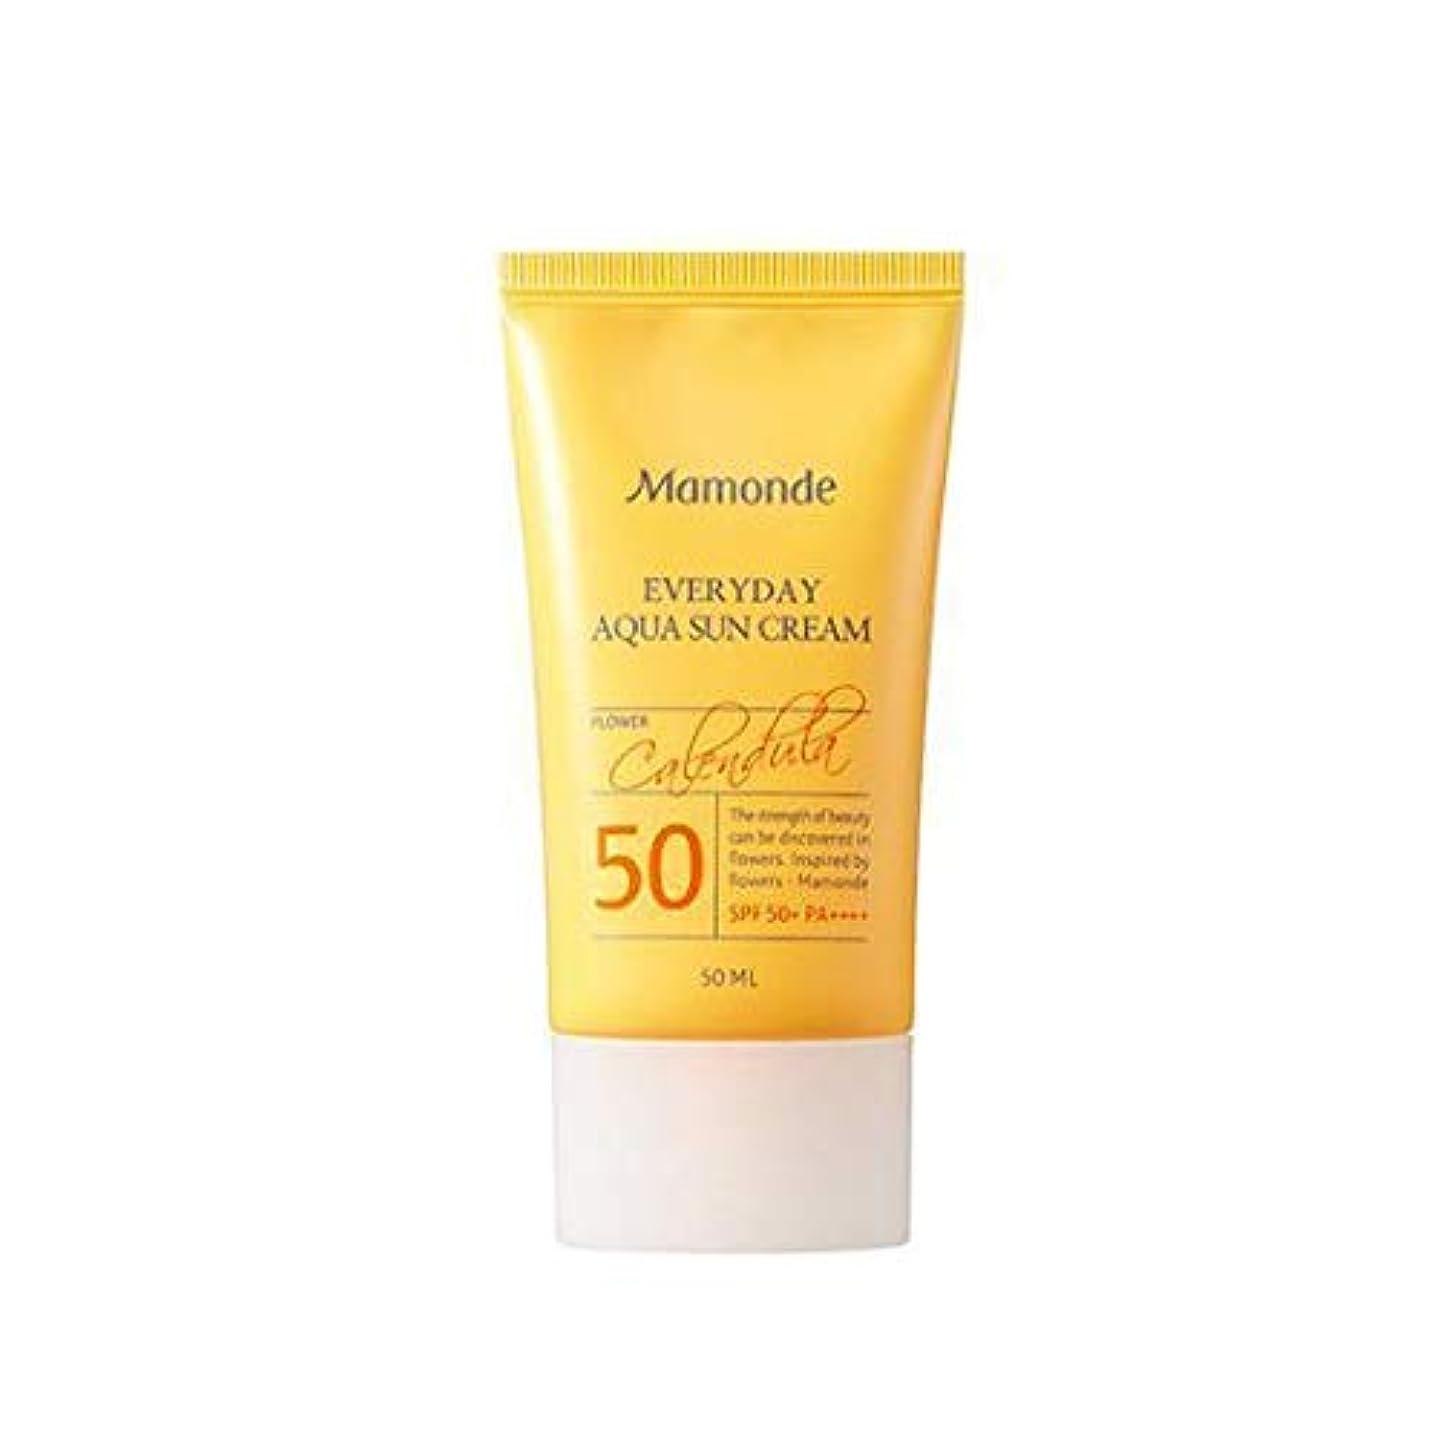 バタフライ兵士知っているに立ち寄るMAMONDE マモンド エブリデイアクアサンクリーム (50ml),SPF50+PA++++ Everyday Aqua Sun Cream 韓国日焼け止め